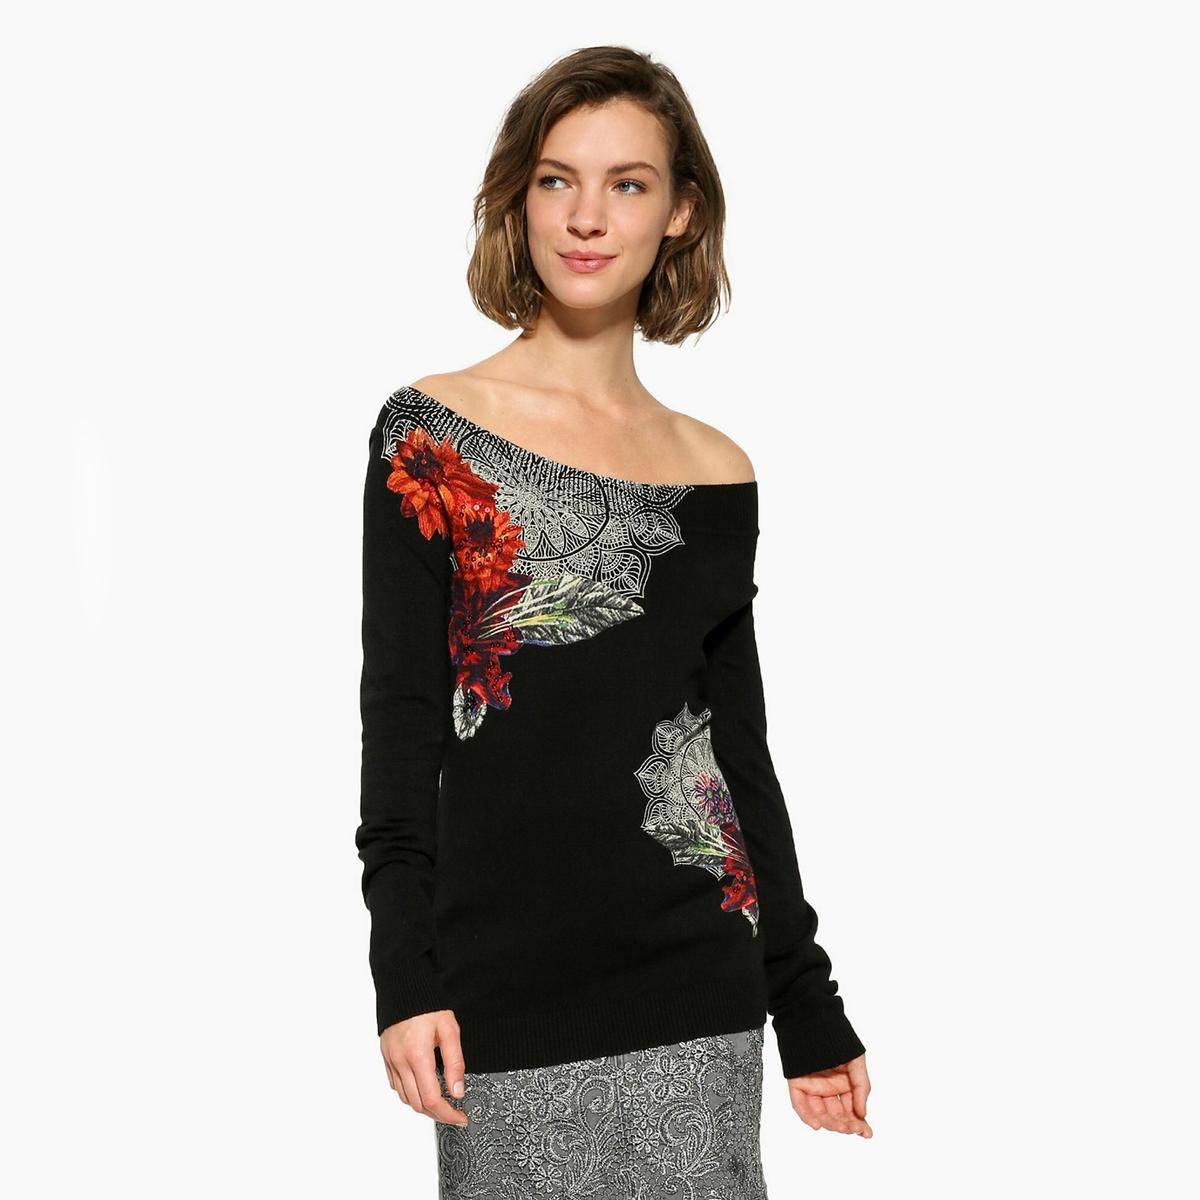 Пуловер без воротника из тонкого трикотажаДетали •  Длинные рукава •  Без воротника •  Тонкий трикотаж  •  Графичный рисунокСостав и уход •  90% вискозы, 10% эластана •  Следуйте советам по уходу, указанным на этикетке<br><br>Цвет: черный<br>Размер: M